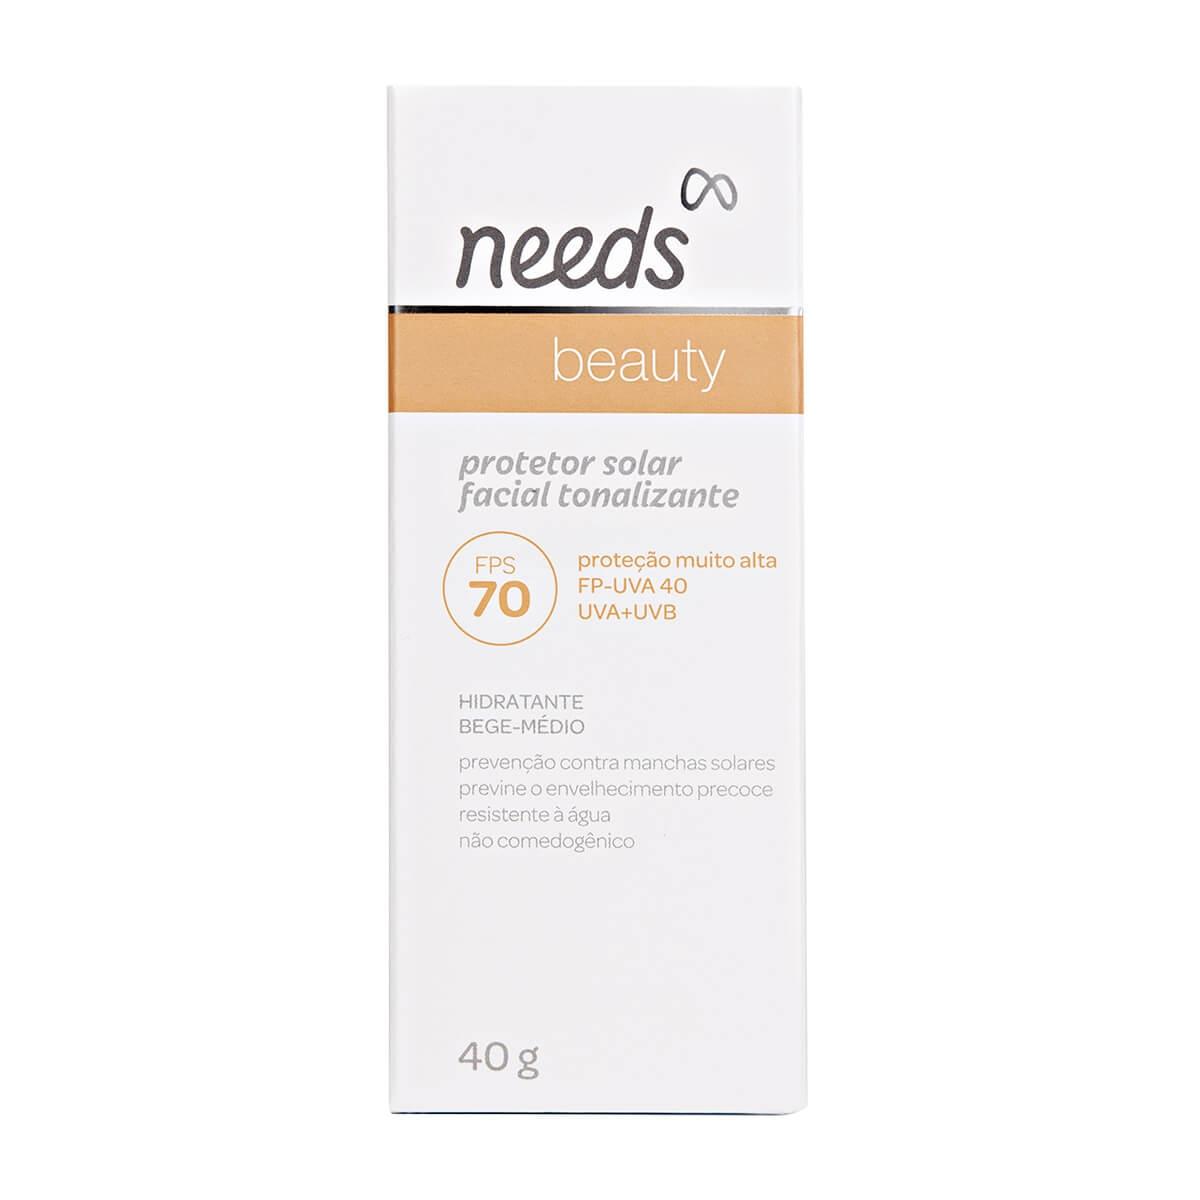 Protetor Solar Facial Needs Beauty Hidratante Bege Médio FPS 70 com 40g 40g